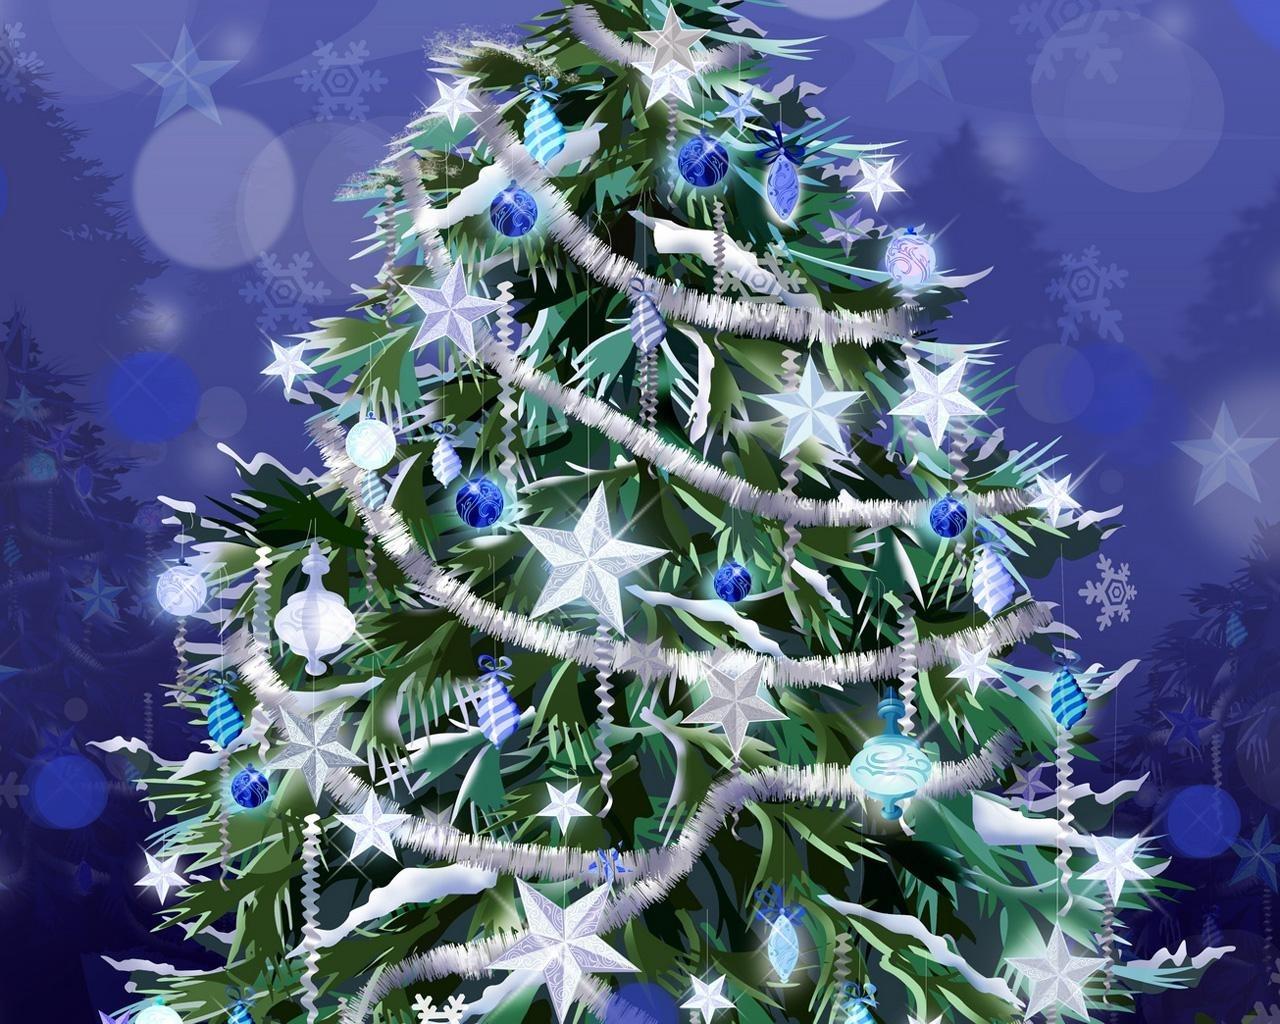 2209 скачать обои Праздники, Новый Год (New Year), Елки, Рождество (Christmas, Xmas), Рисунки - заставки и картинки бесплатно